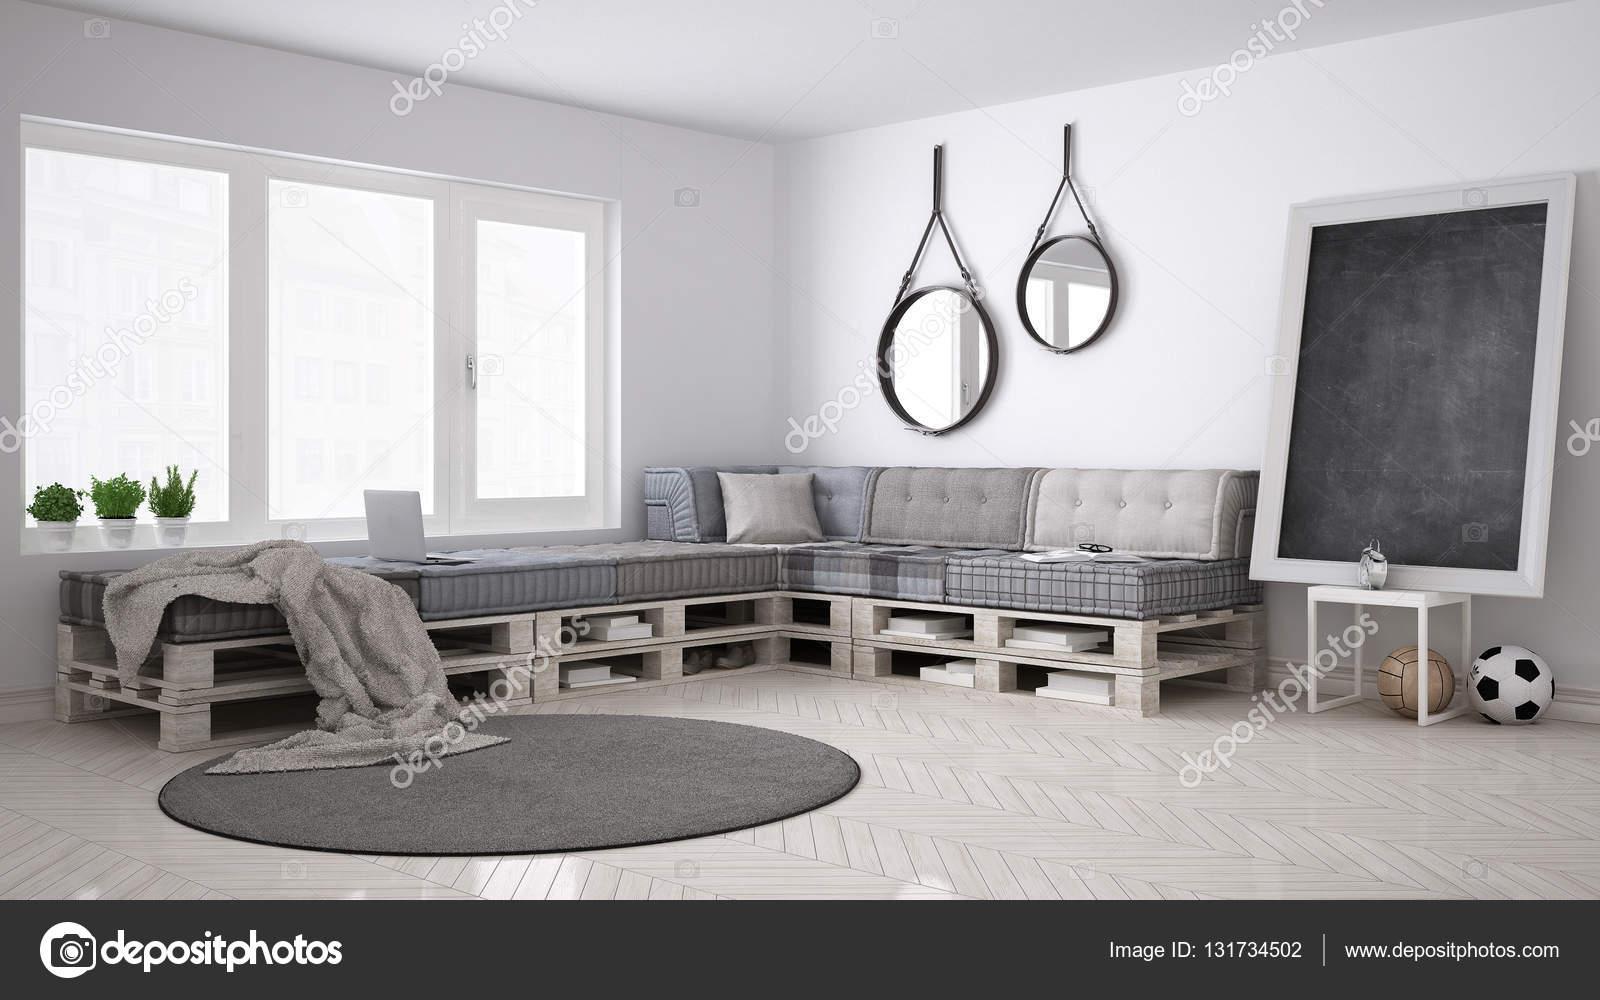 canap canap bricolage palette scandinave blanc vivant. Black Bedroom Furniture Sets. Home Design Ideas